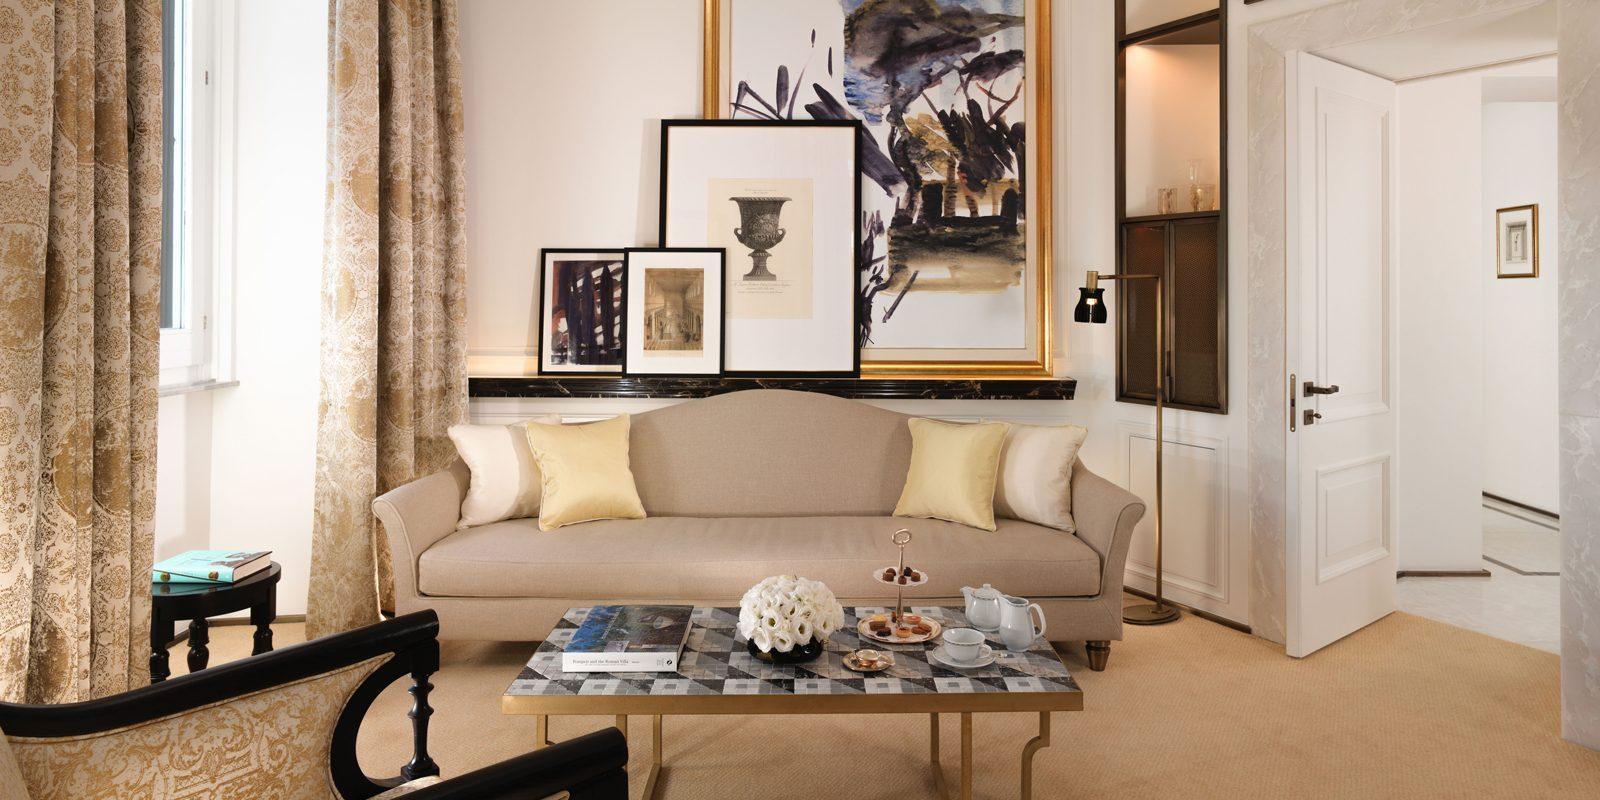 Hotel eden in rome luxury 5 star hotel dorchester collection - Hotel eden en roma ...